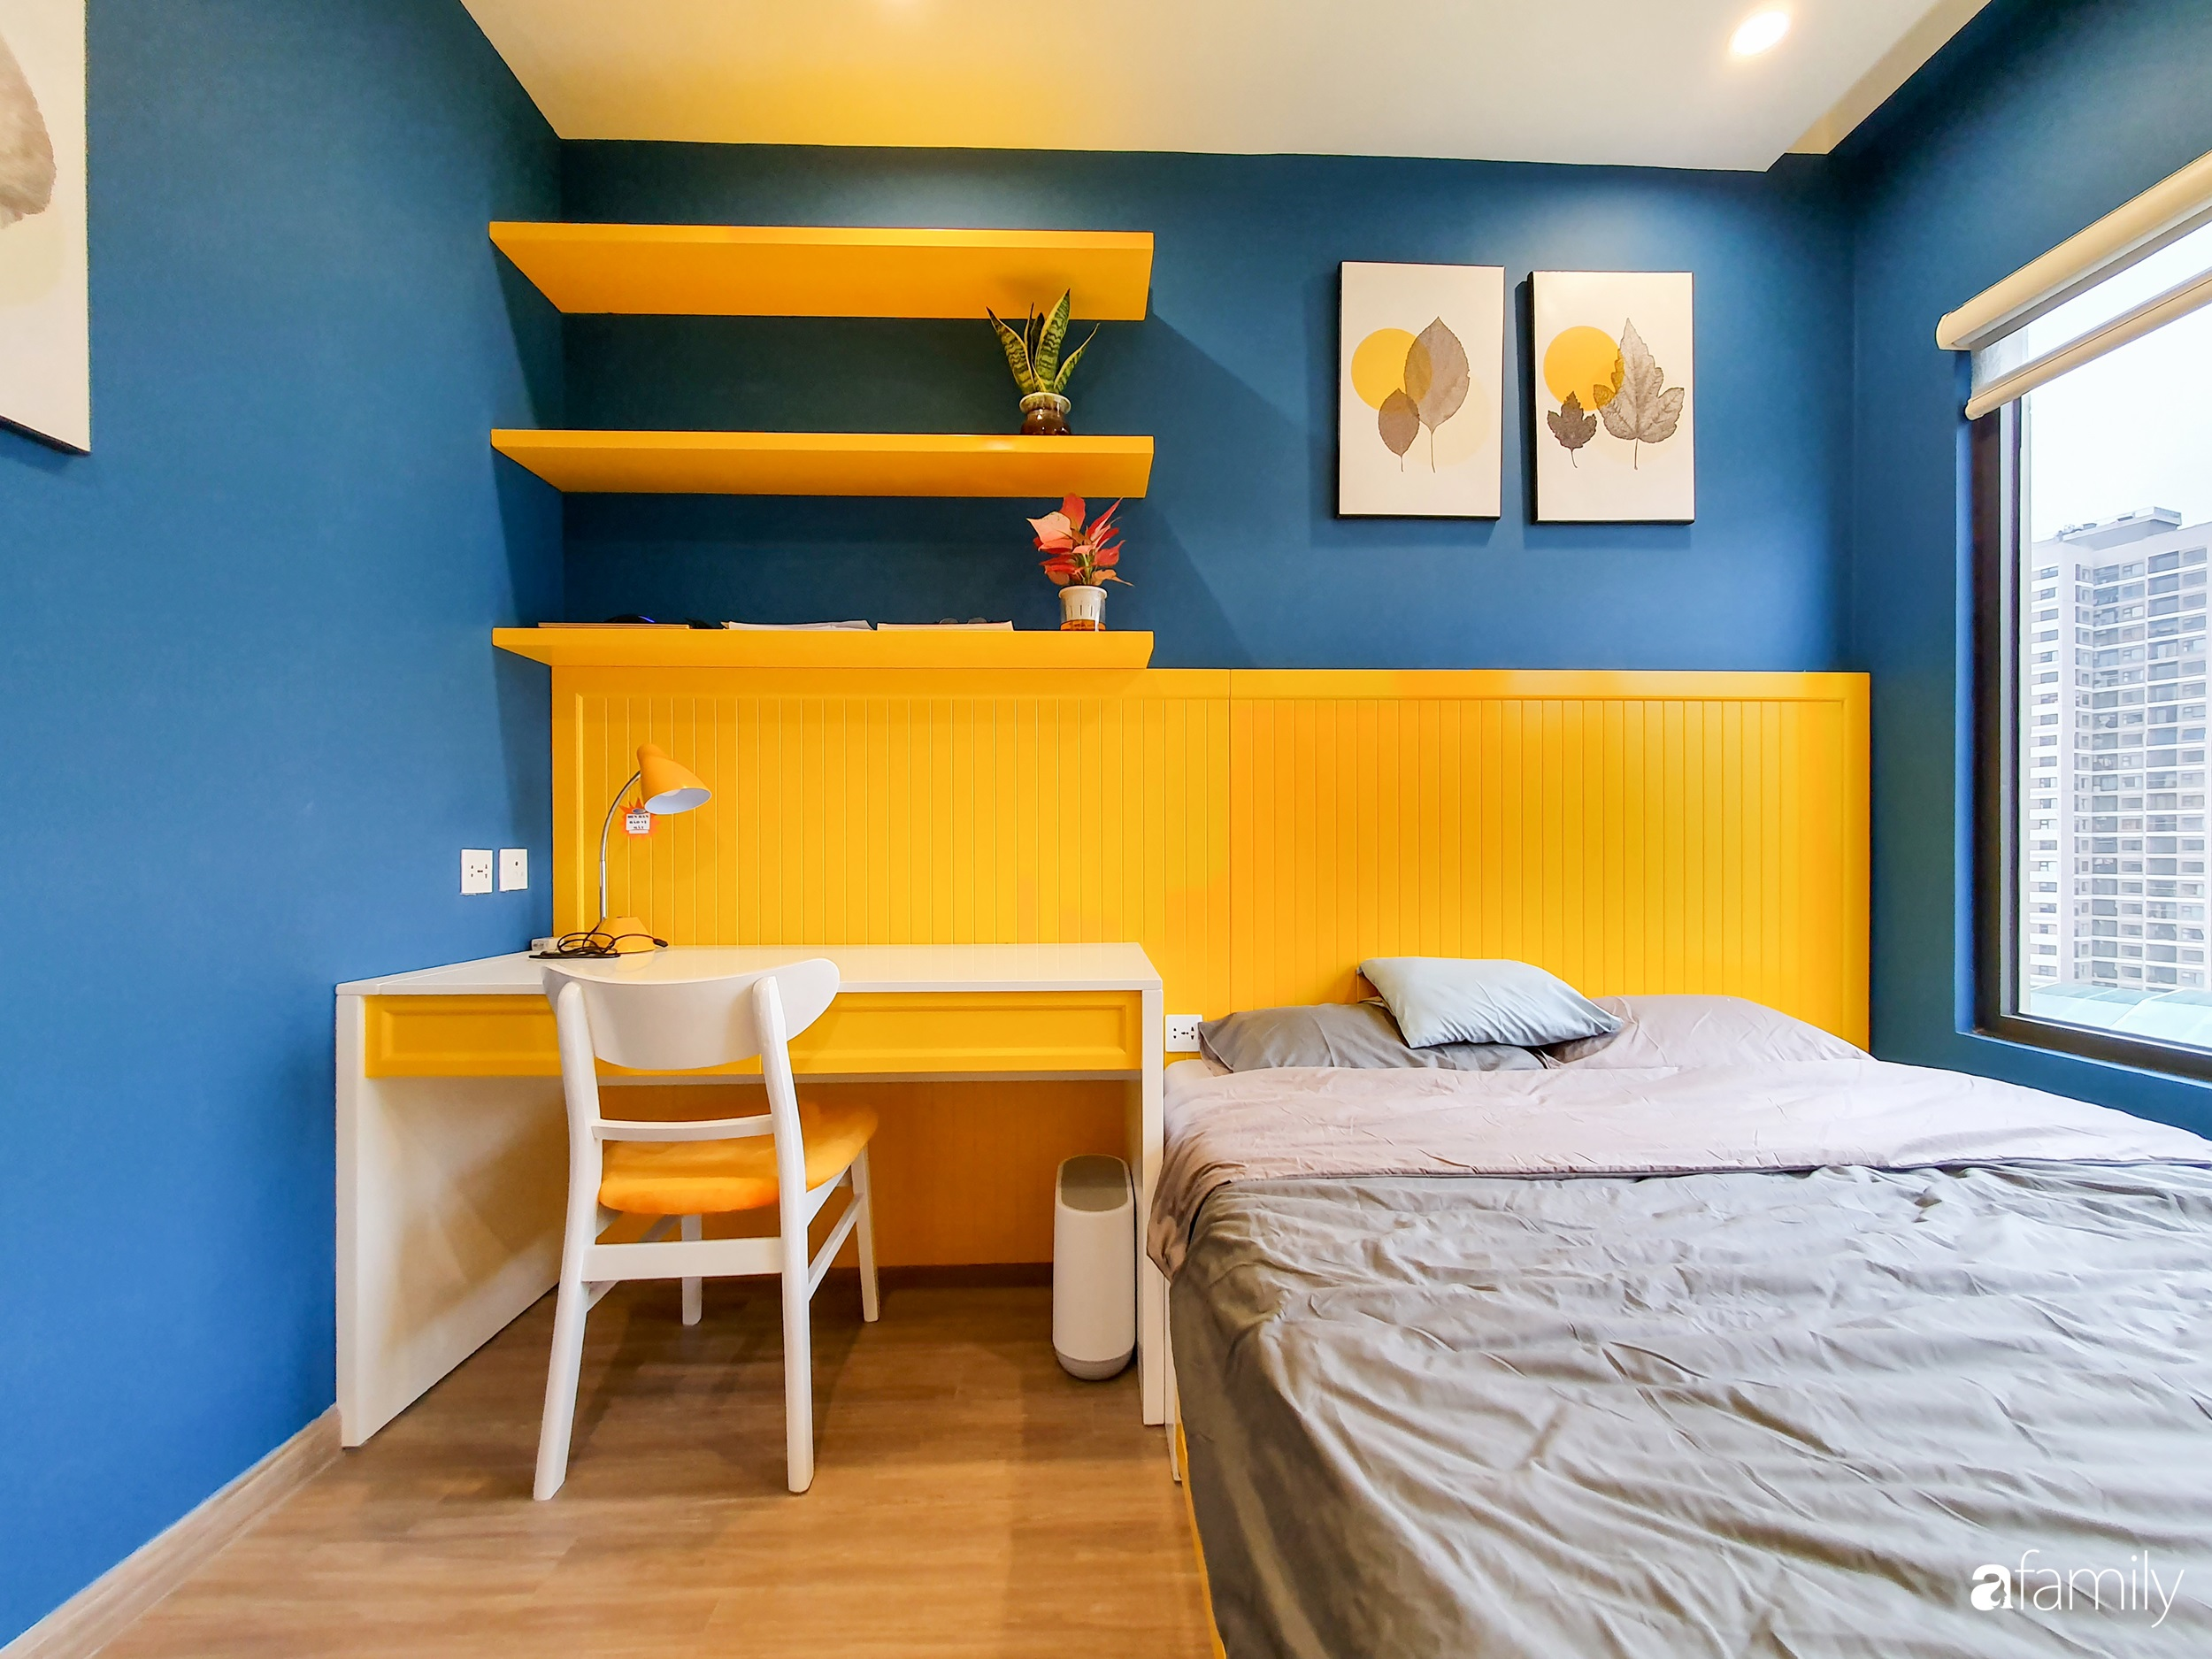 Căn hộ 75m² cá tính với cách phối màu vàng - xanh tinh tế có chi phí hoàn thiện 270 triệu đồng ở Hà Nội - Ảnh 12.